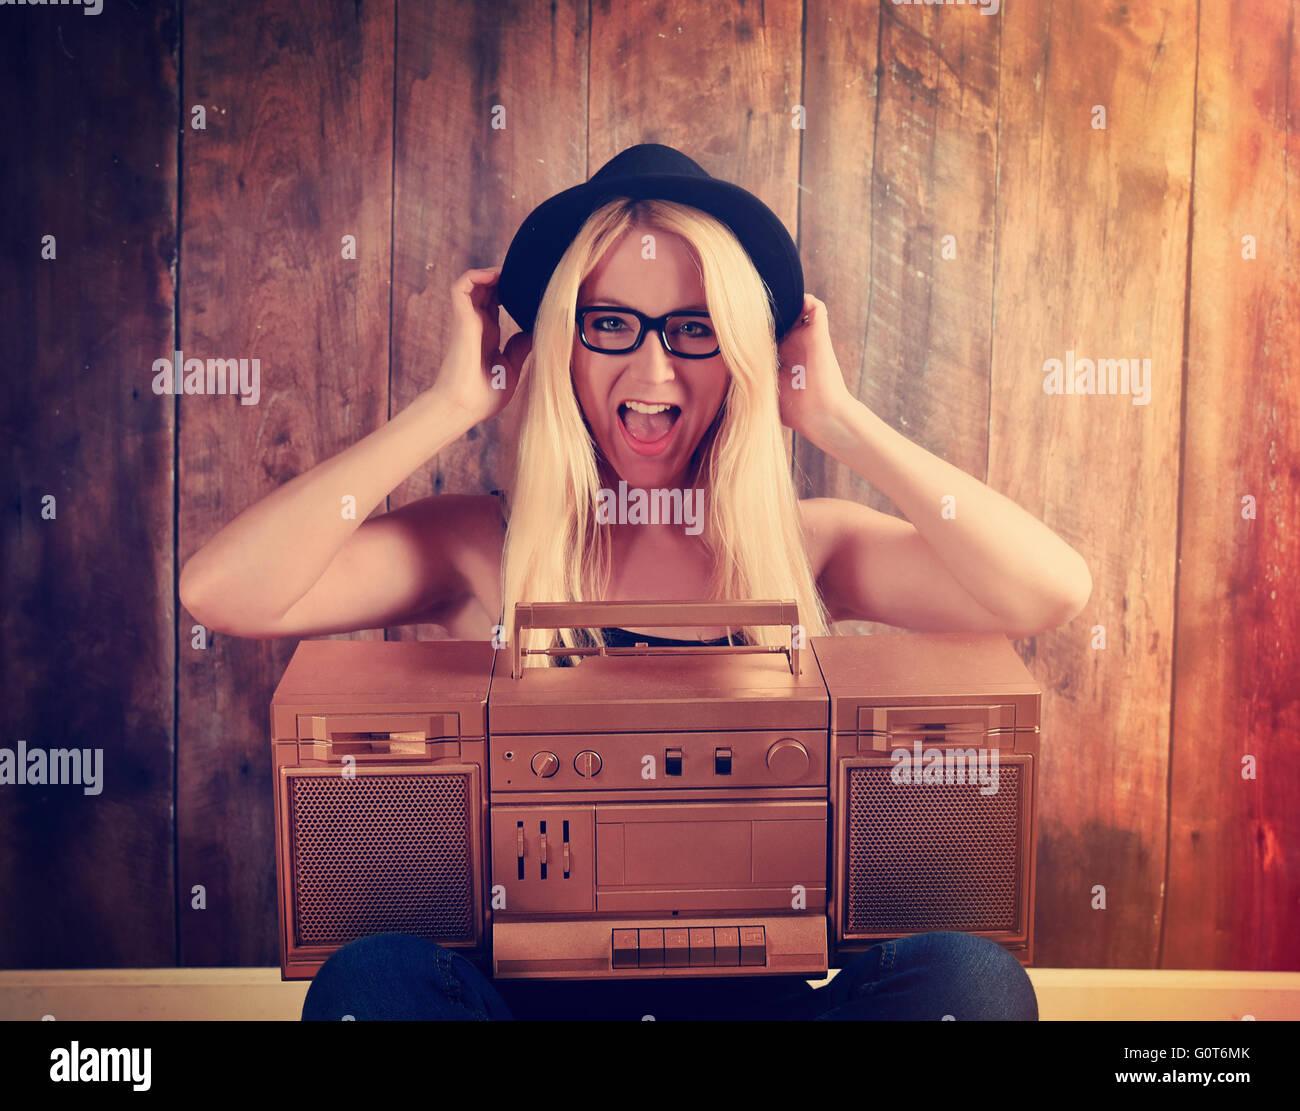 Une blonde avec des lunettes fille hipster est l'écoute d'une radiocassette or vintage radio avec un Photo Stock